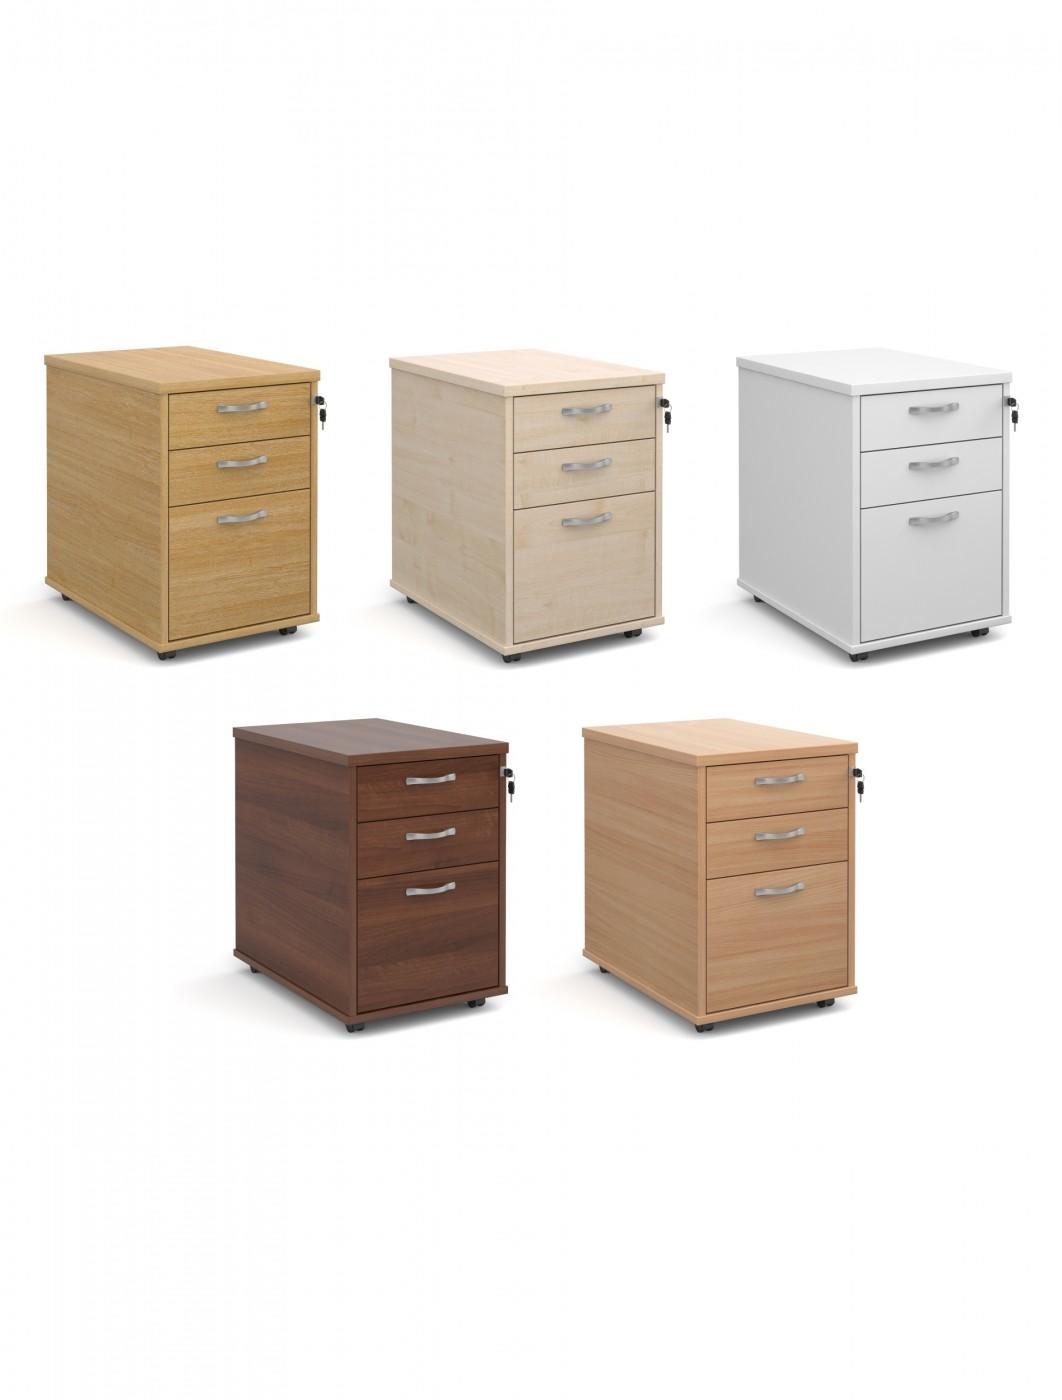 Slimline Bedroom Furniture Tmp Slim Line Mobile Pedestal 3 Drawer 121 Office Furniture